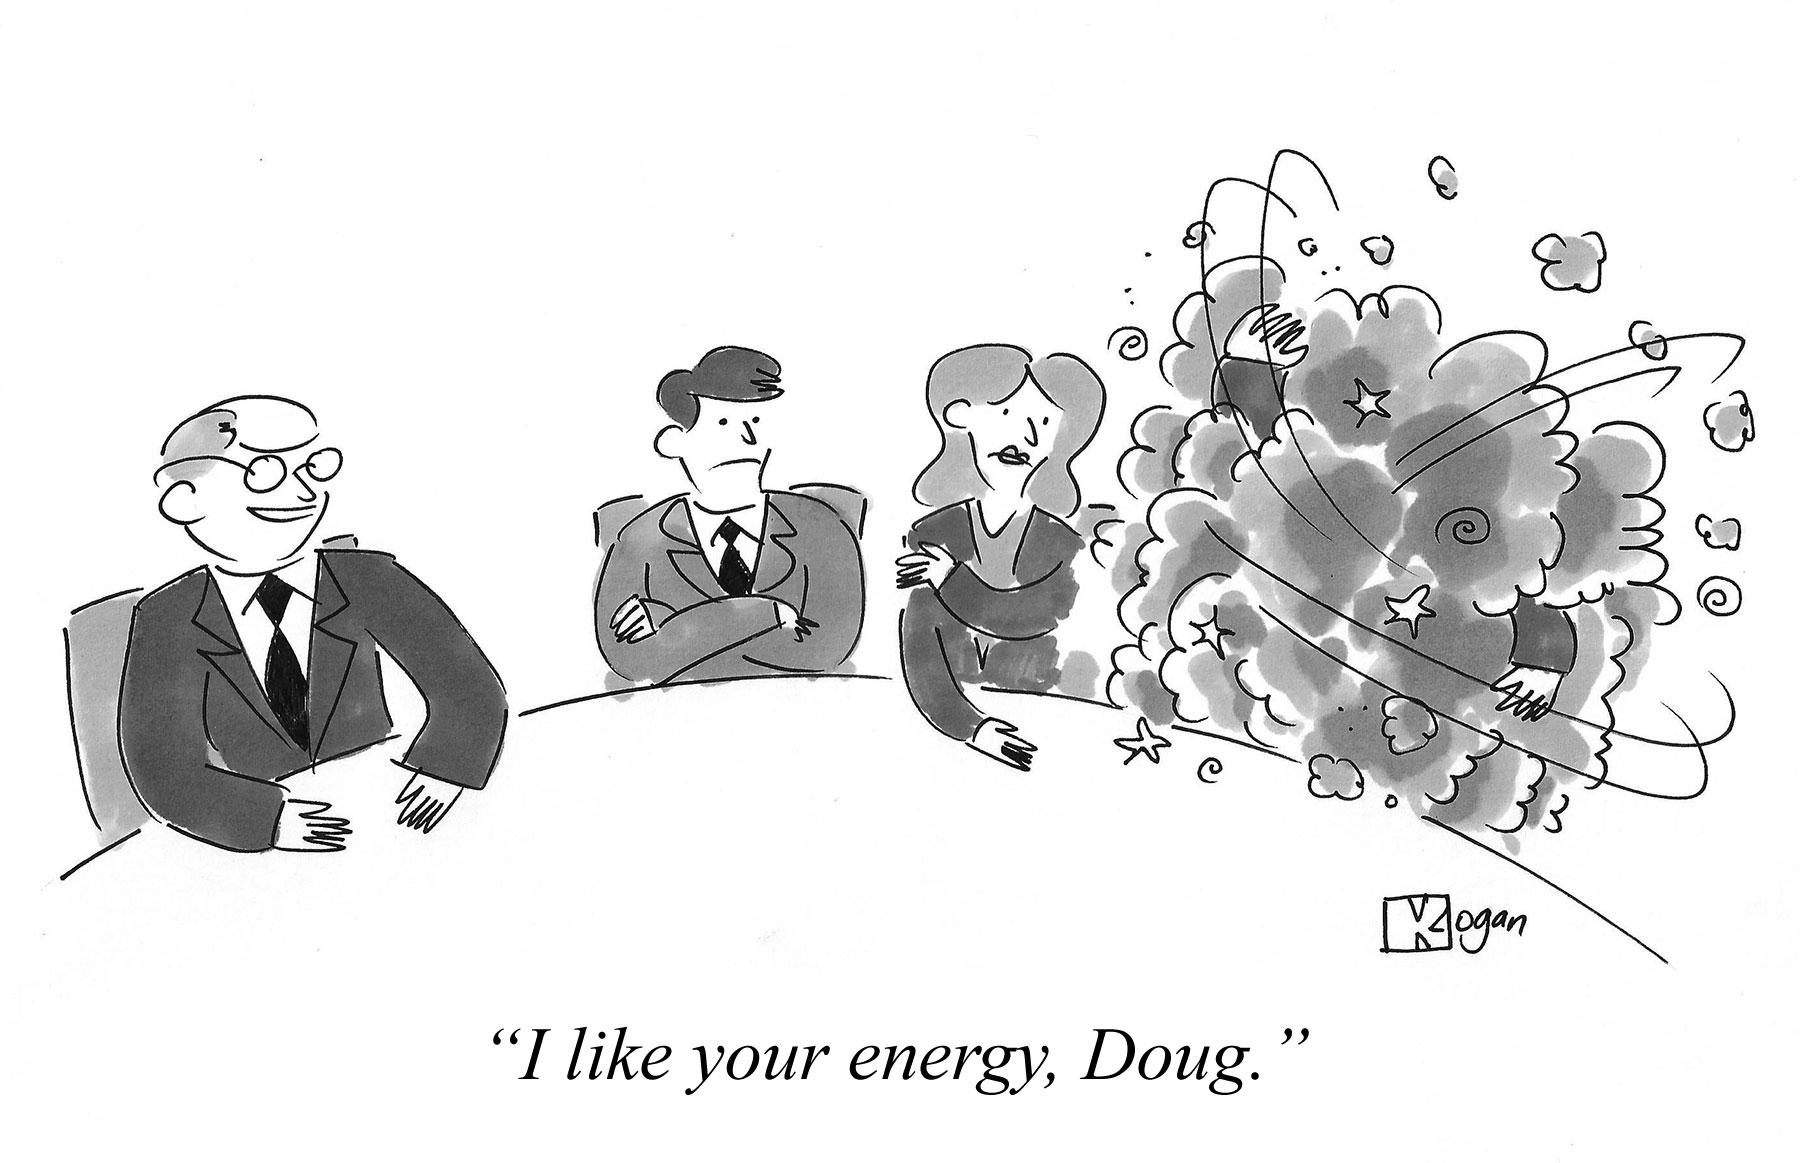 I like your energy, Doug.